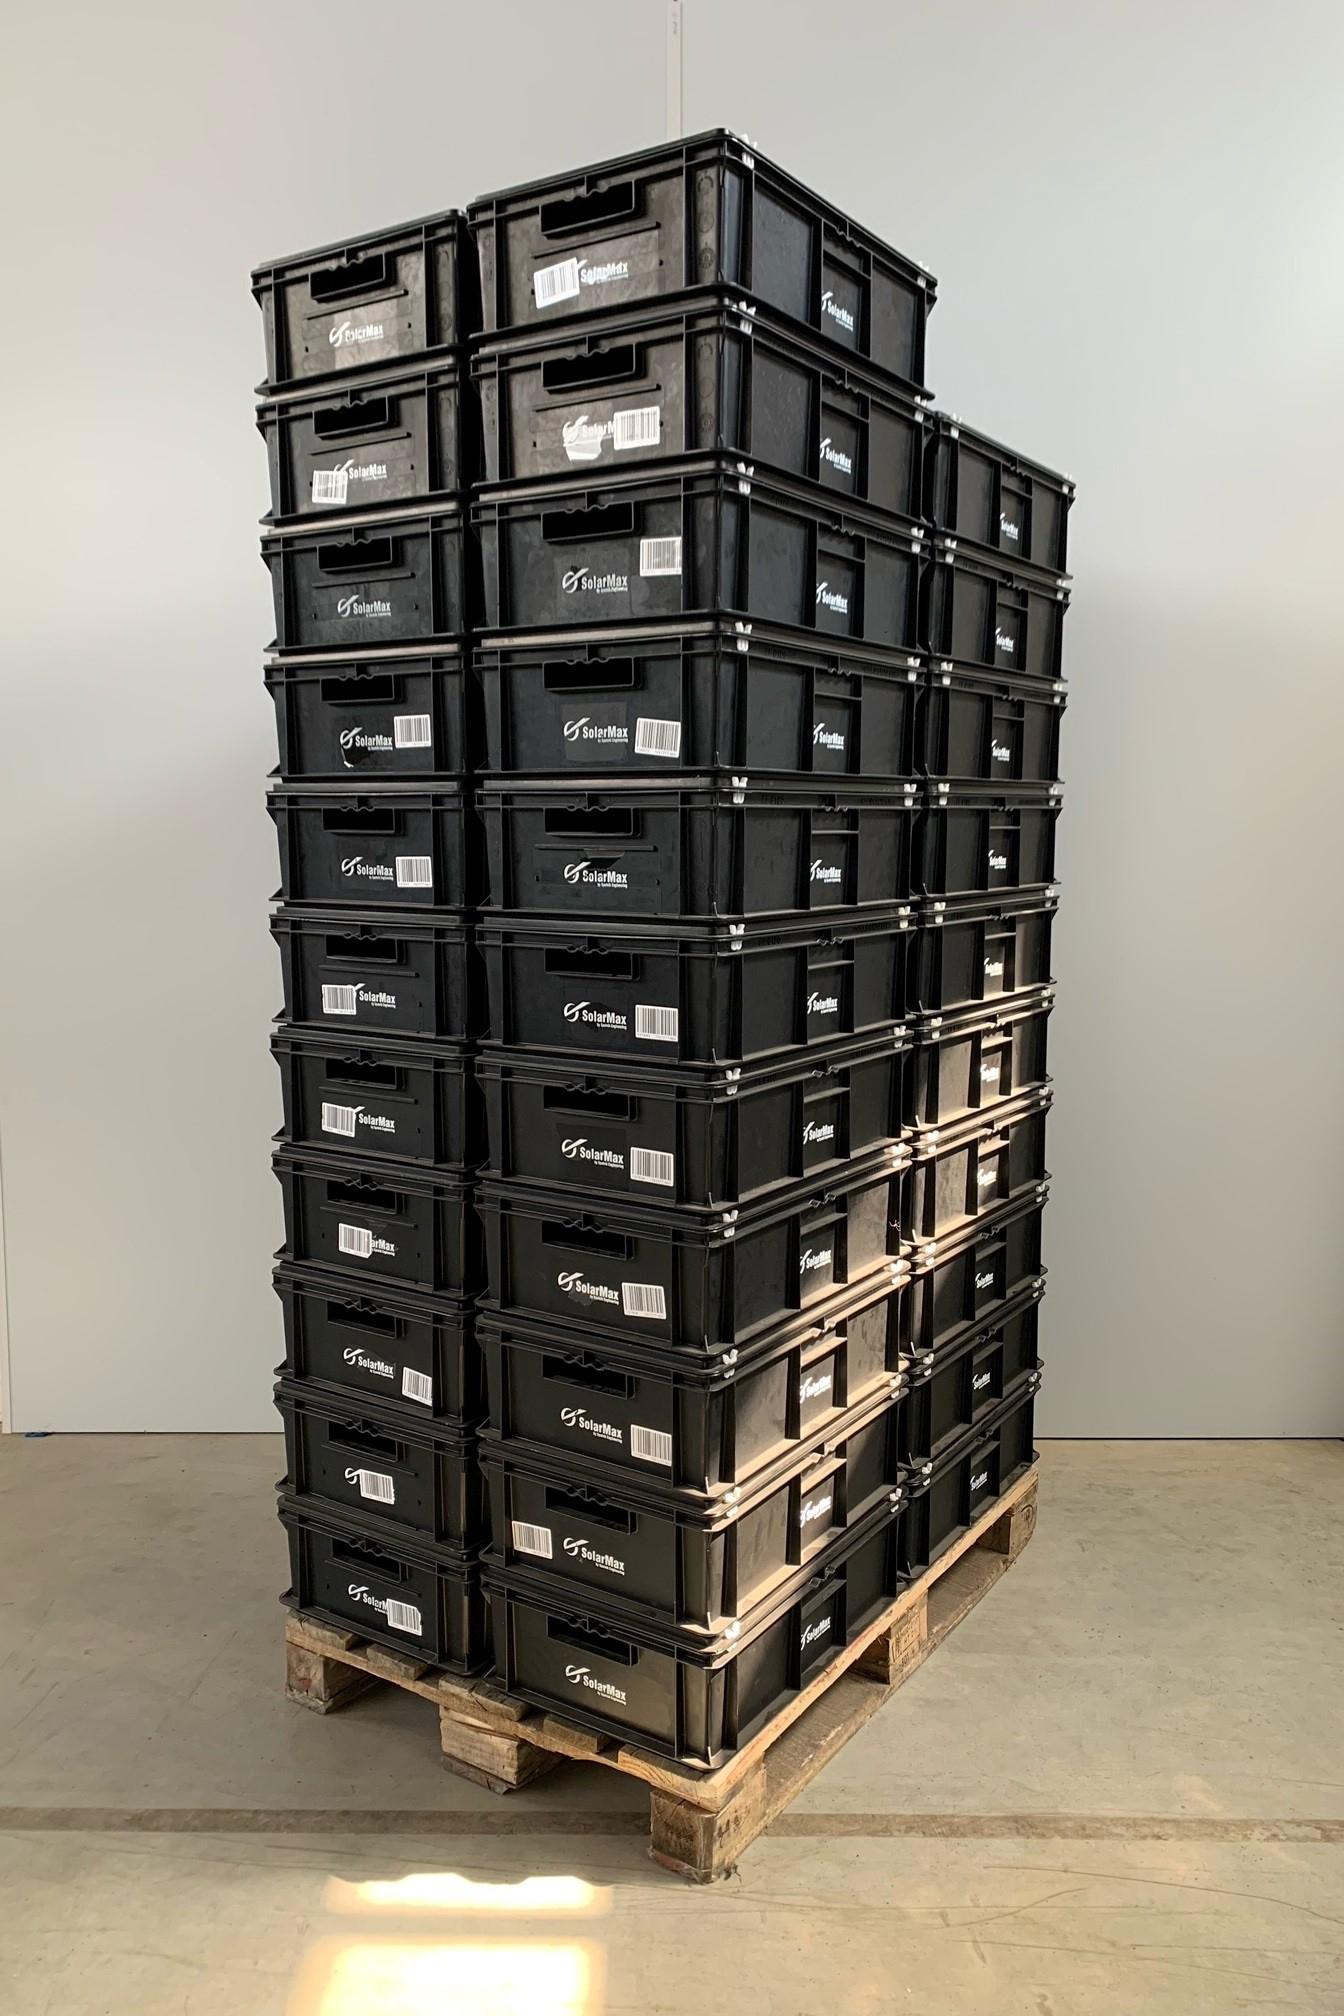 Posten: 42 Stück Eurofix-Boxen, SSI-Schäfer, EF-6180 PPL ESD, 600x400x180 mm + Scharnierdeckel